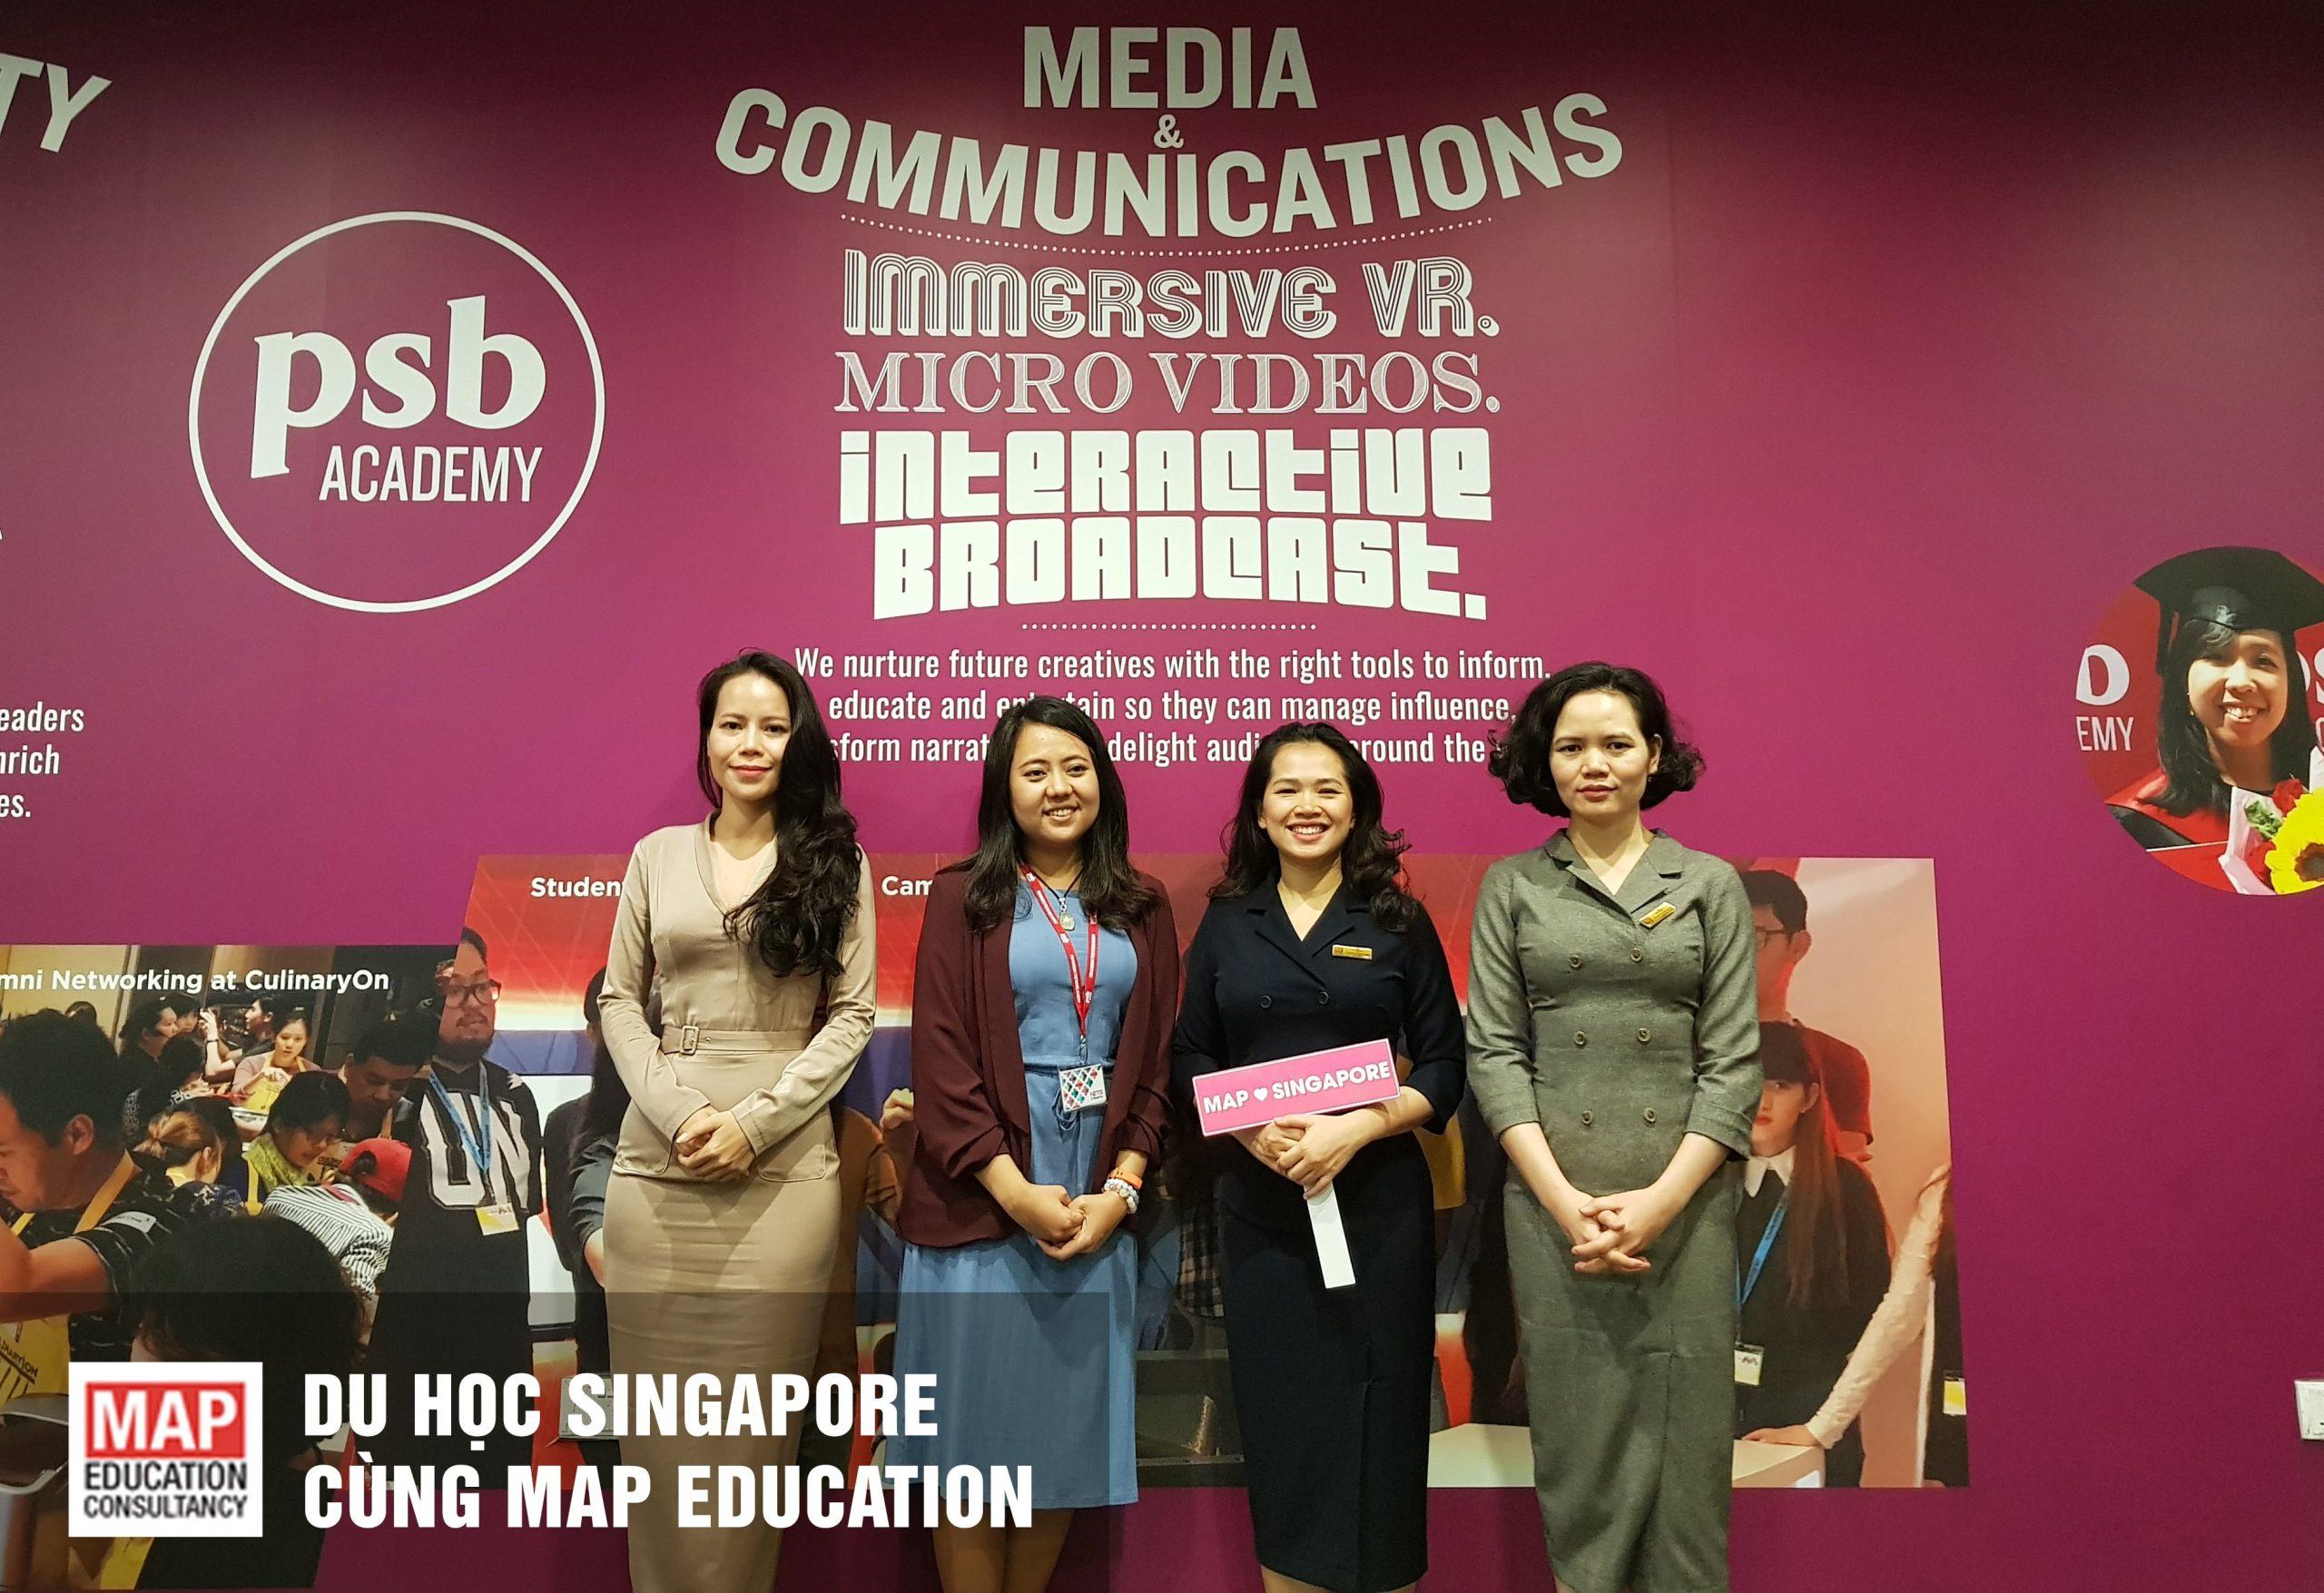 Học Viện PSB Singapore – Ngôi Trường Số 1 Về Công Nghệ Và Kỹ Thuật